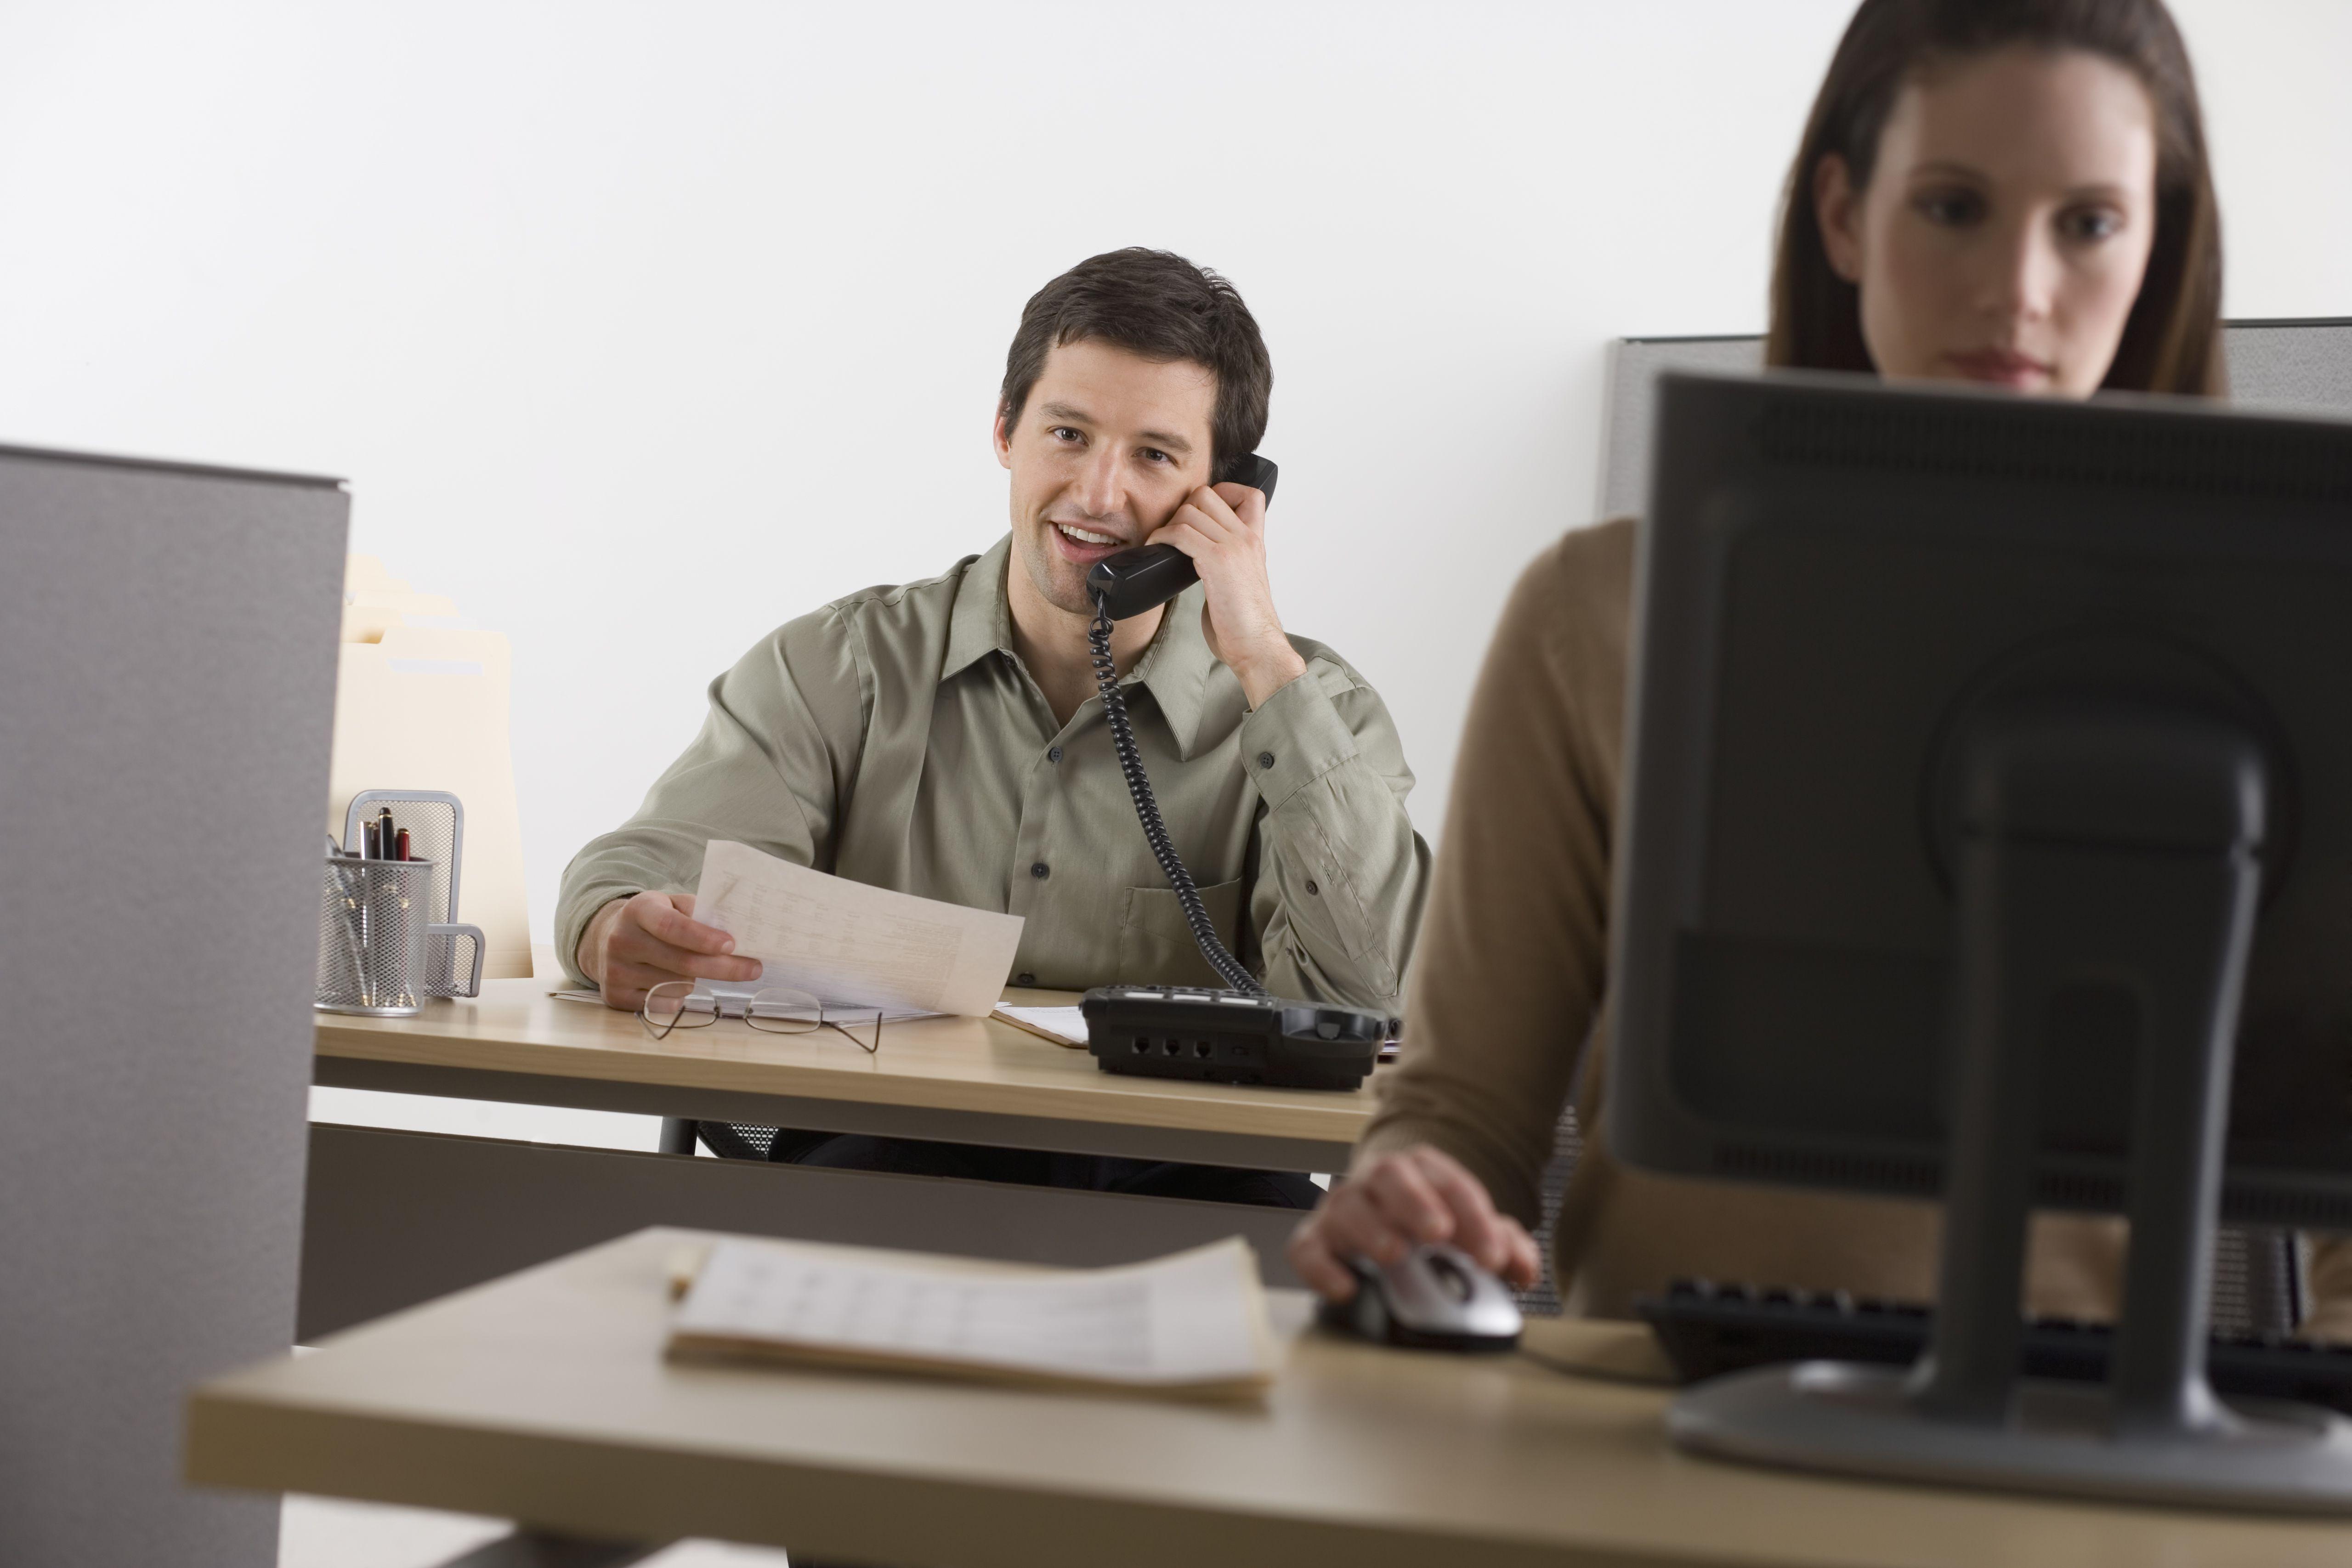 Women seeking men via telephone